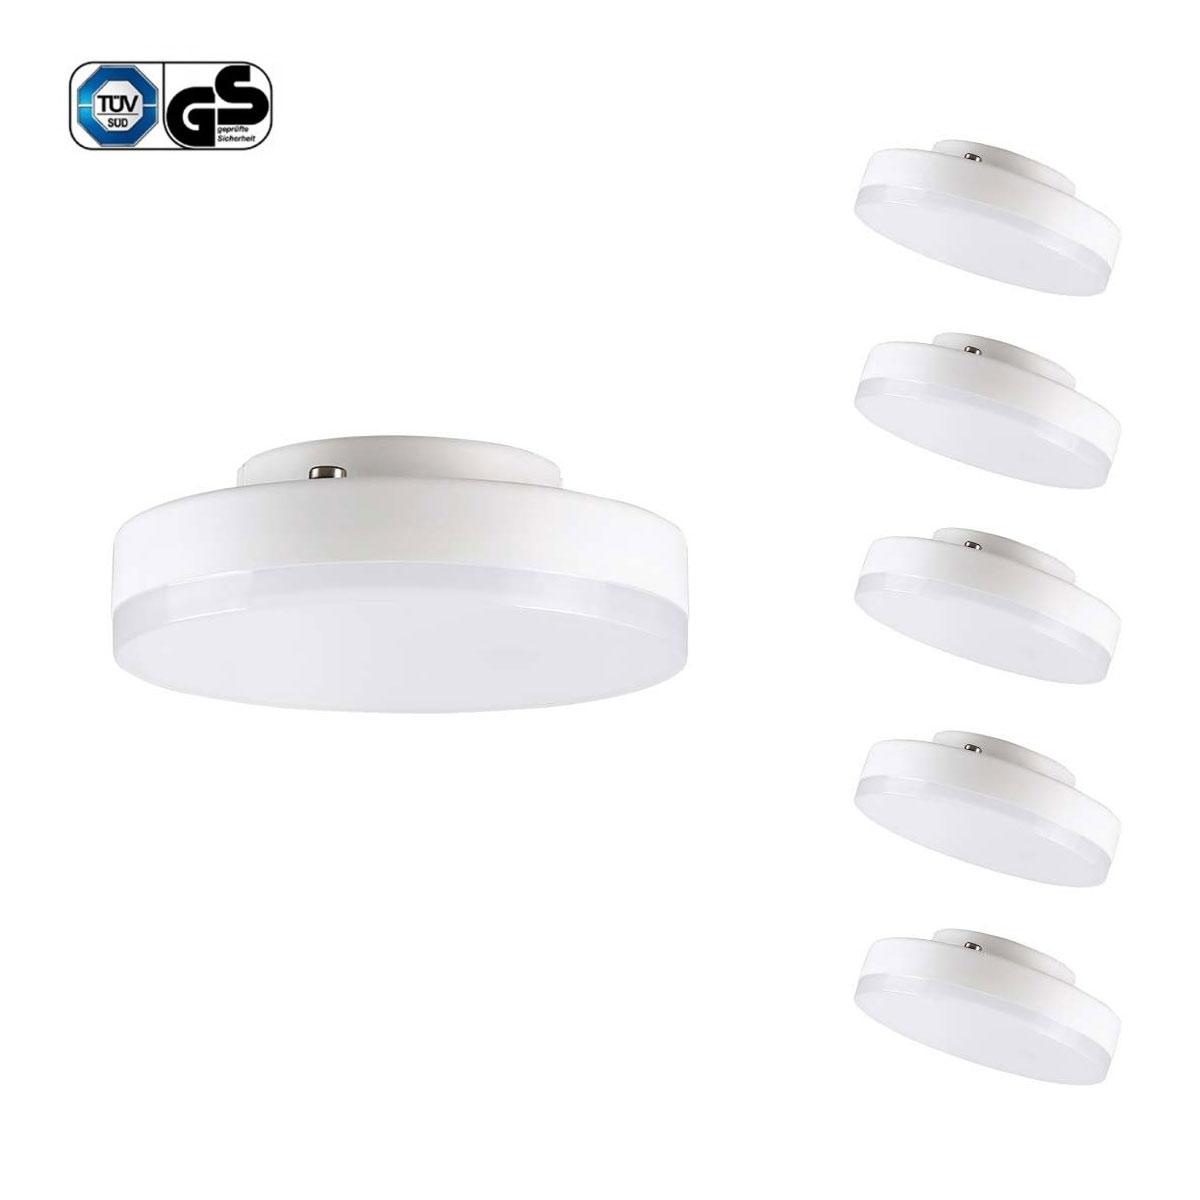 7W GX53 LED Disc Lampe, ersetzt 60W Glühlampe oder 12W Natriumhochdrucklampe, Warmweiß, 5 Stück